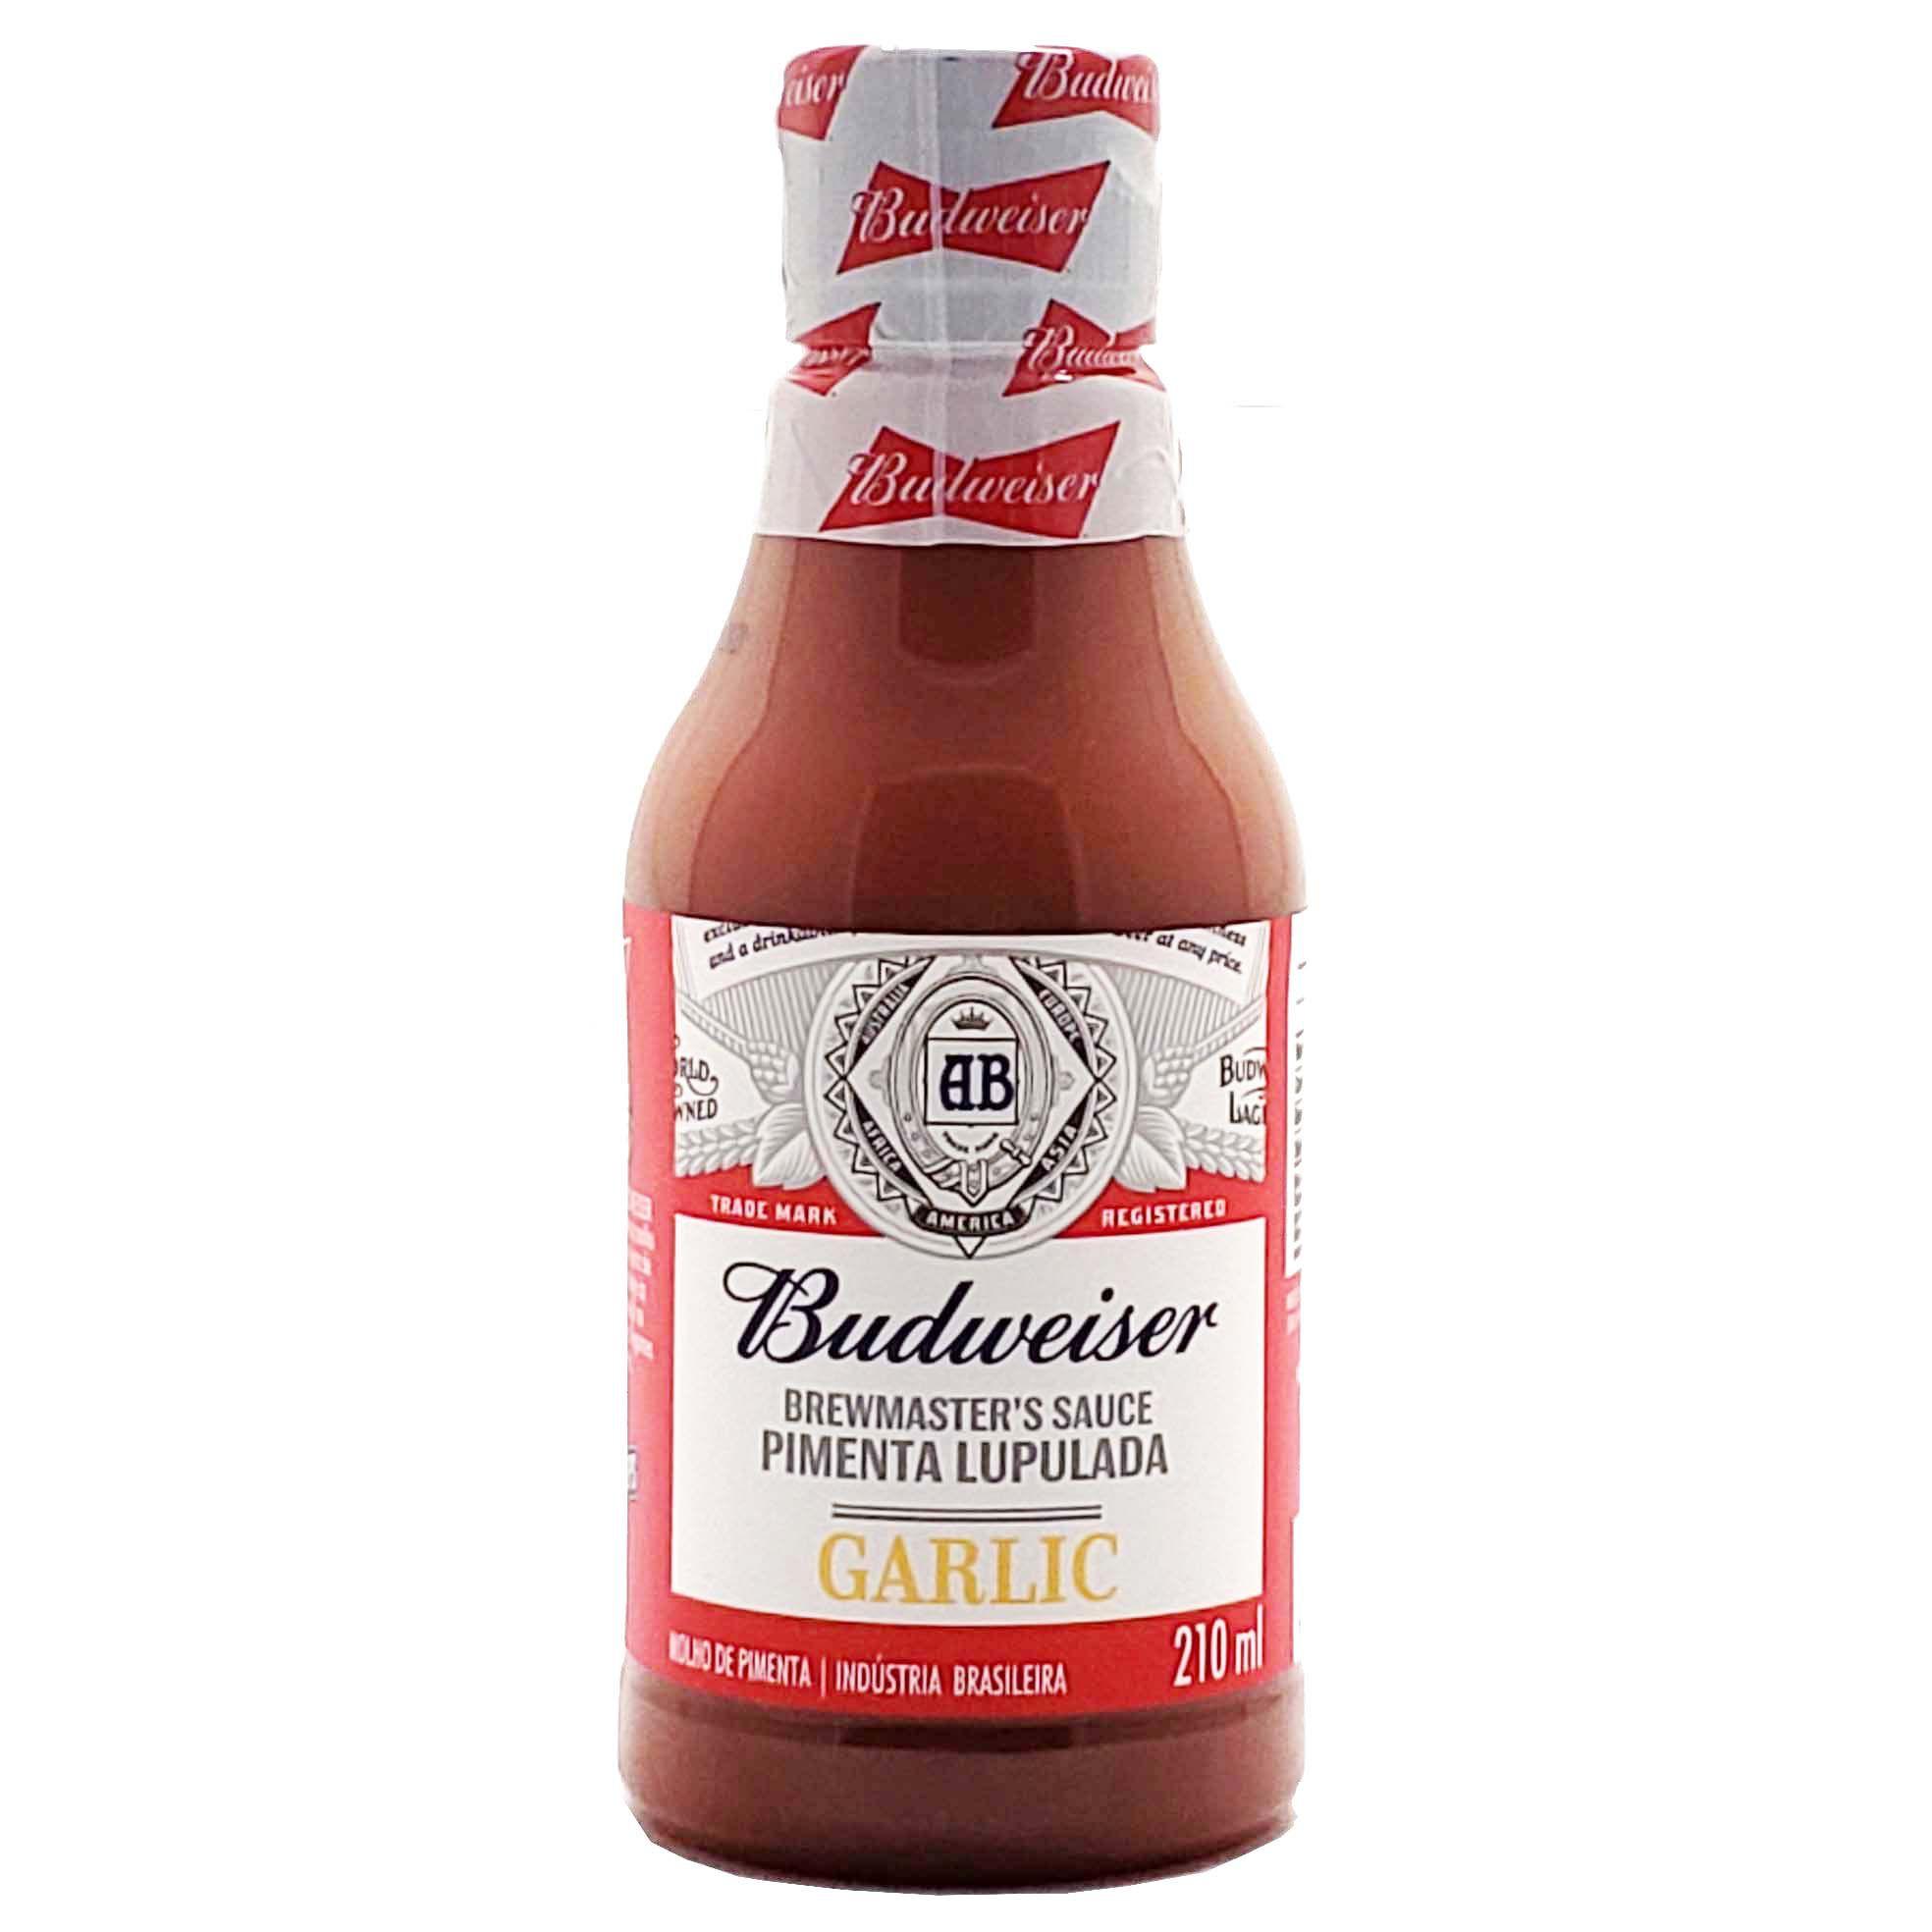 Molho de Pimenta Budweiser Garlic - 210ml -